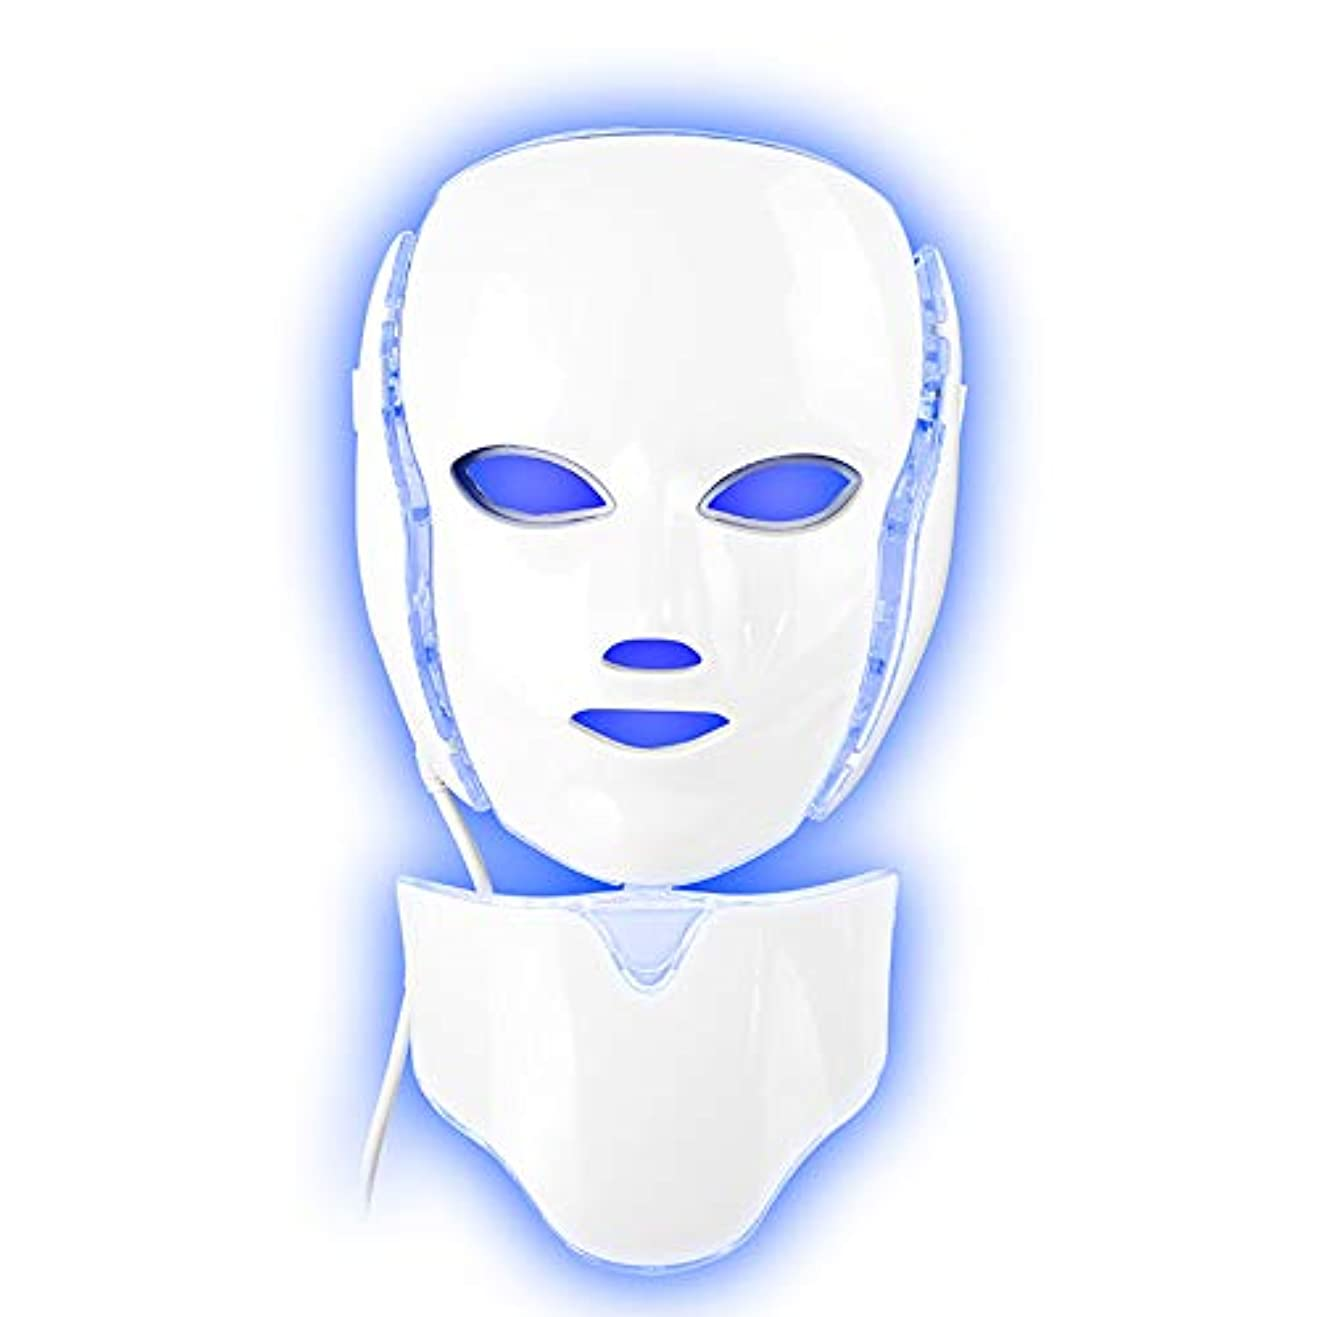 減らす歌手収容する7色LEDライトフェイシャルマスクアンチニキビ治療肌ネックマスクセットで楽器を締めます